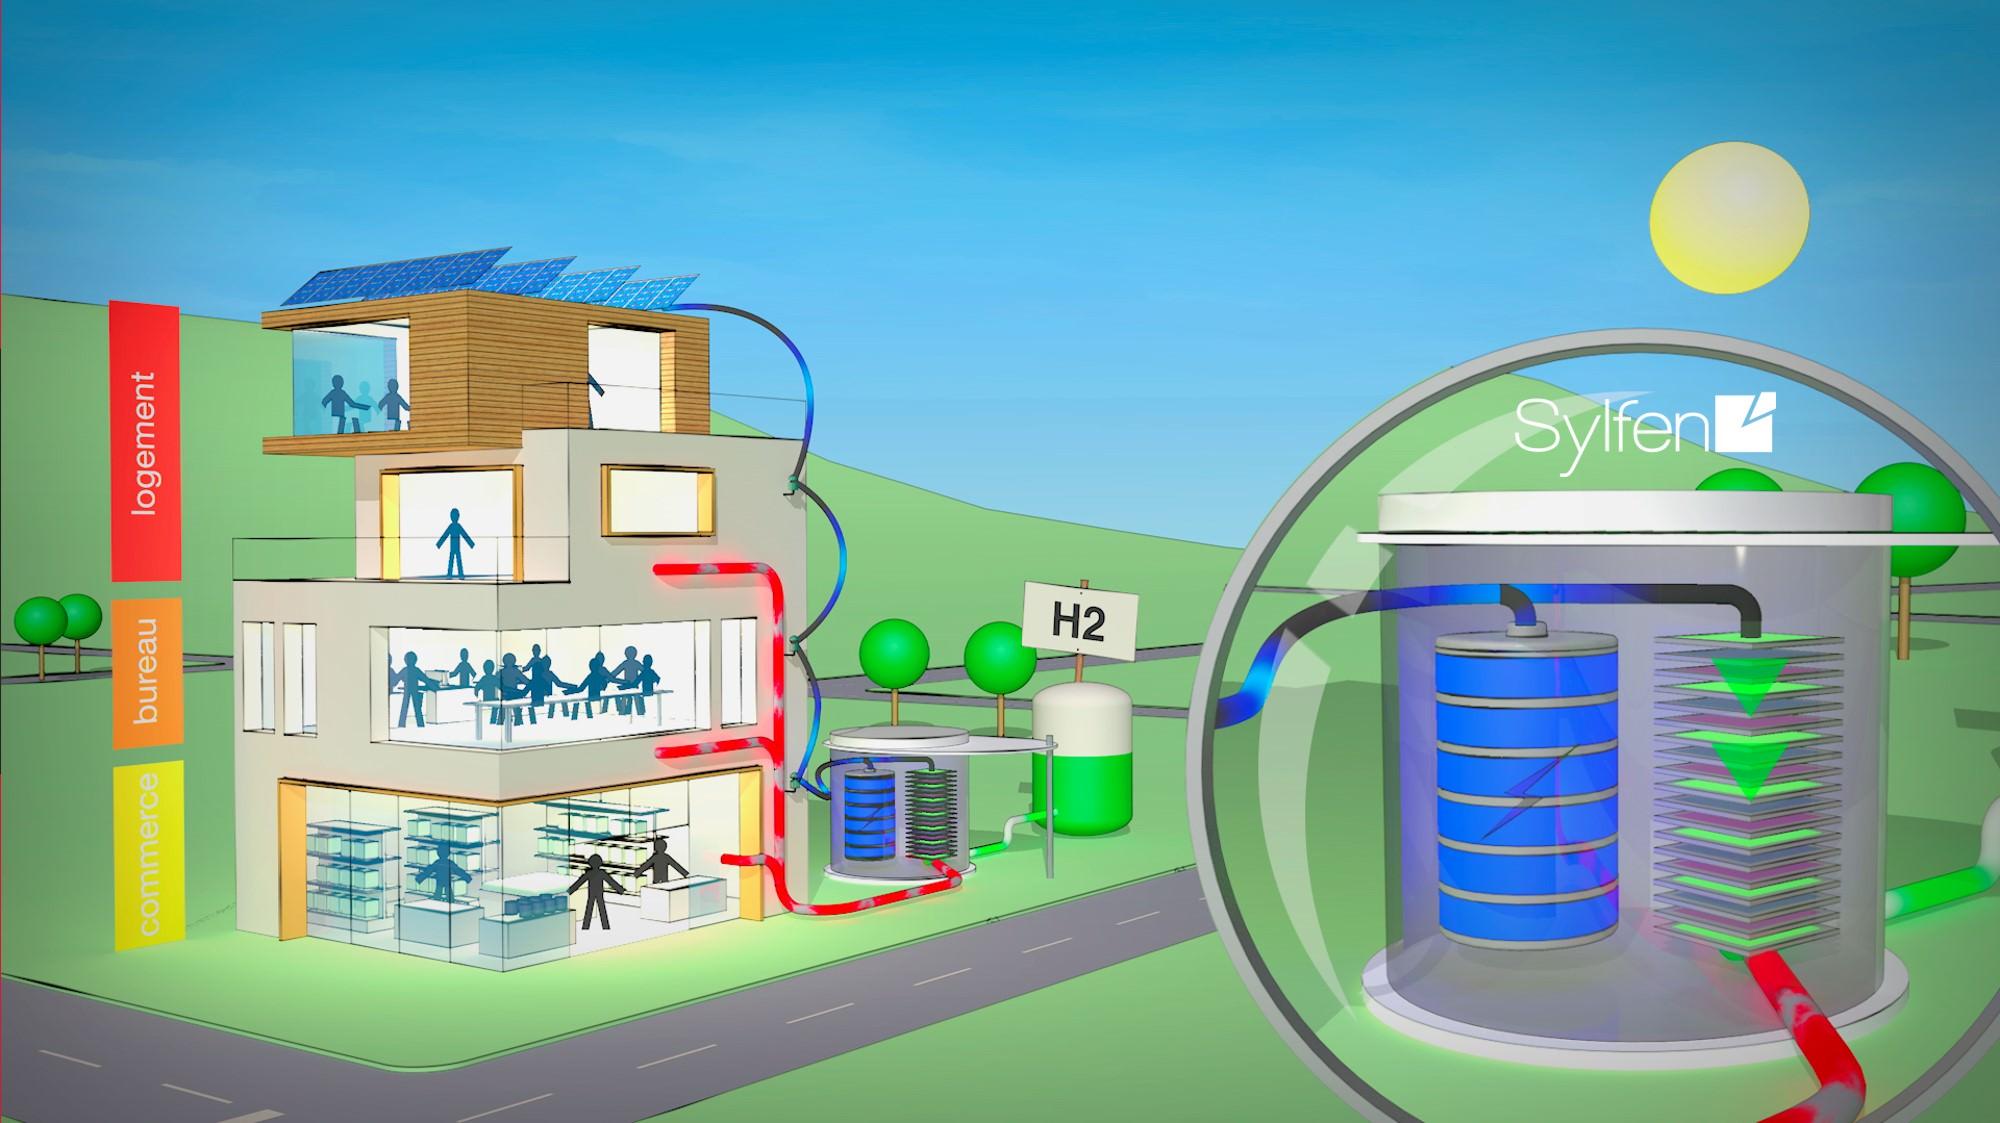 Gallery Smart Energy Hub 3